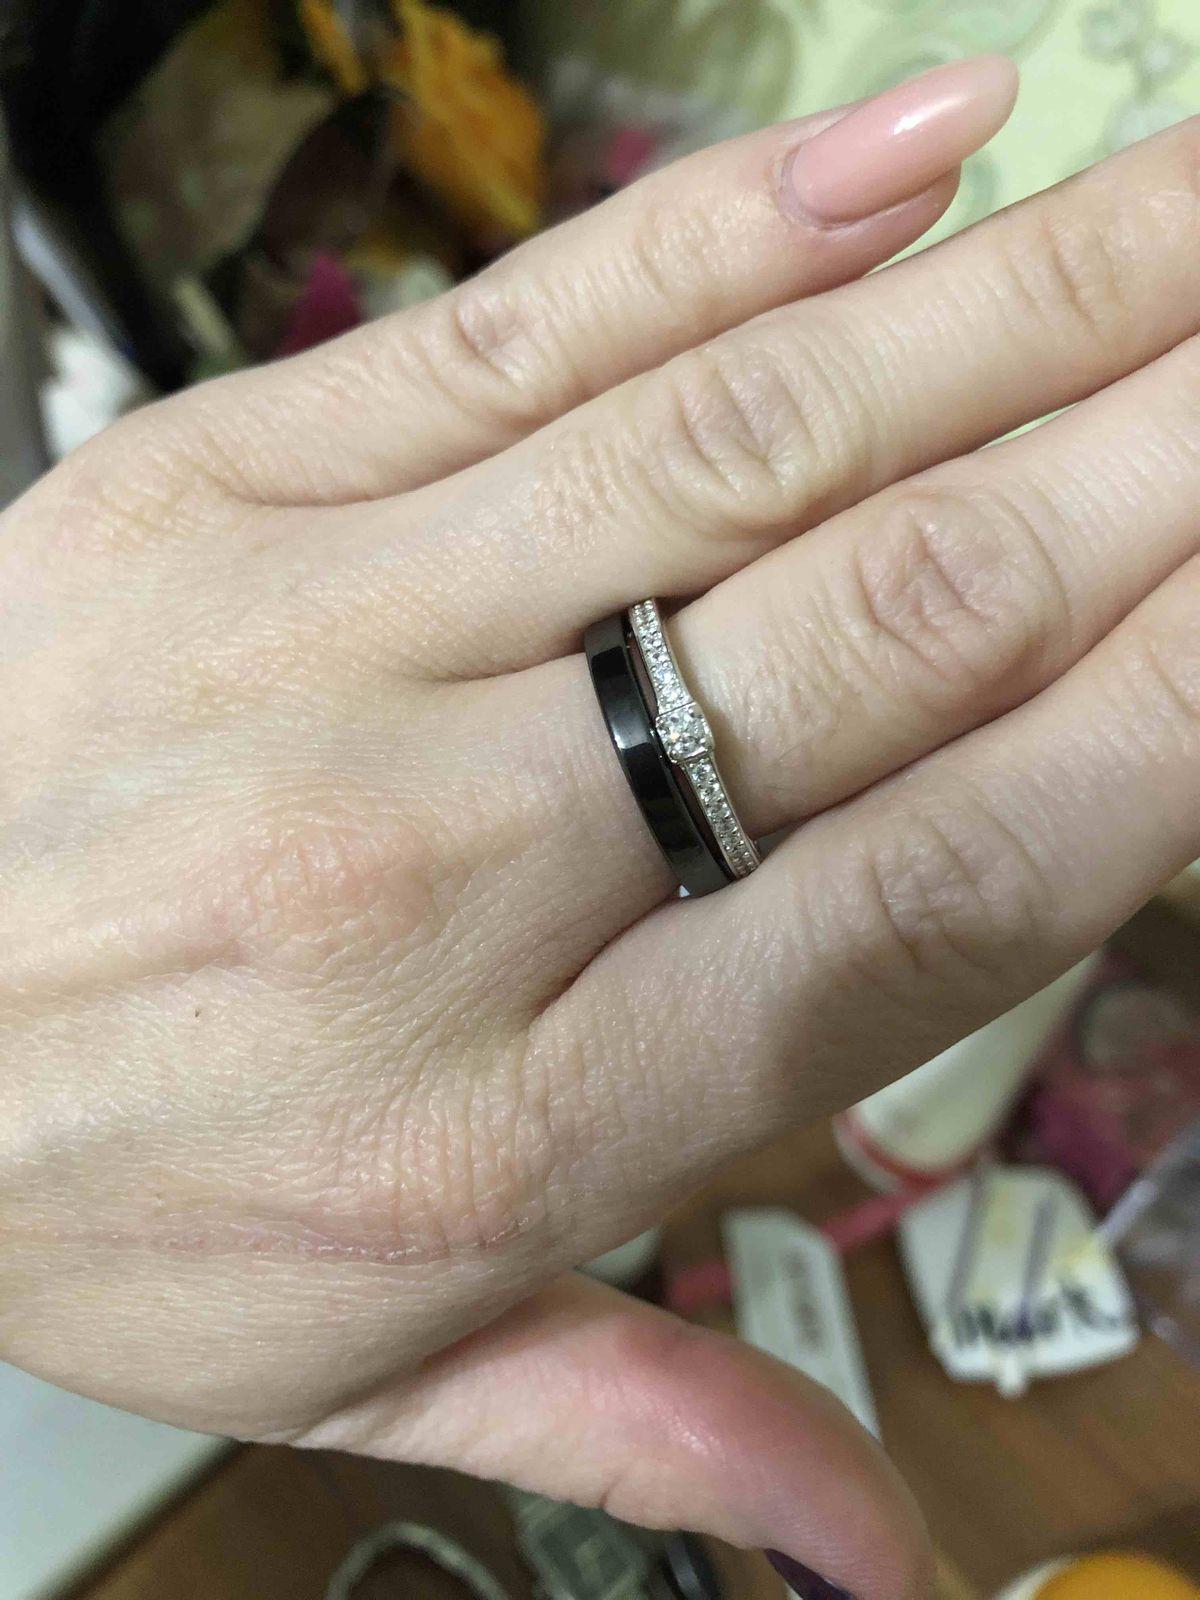 Очень красивое кольцо, хорошо, что их 2 и можно носить отдельно )